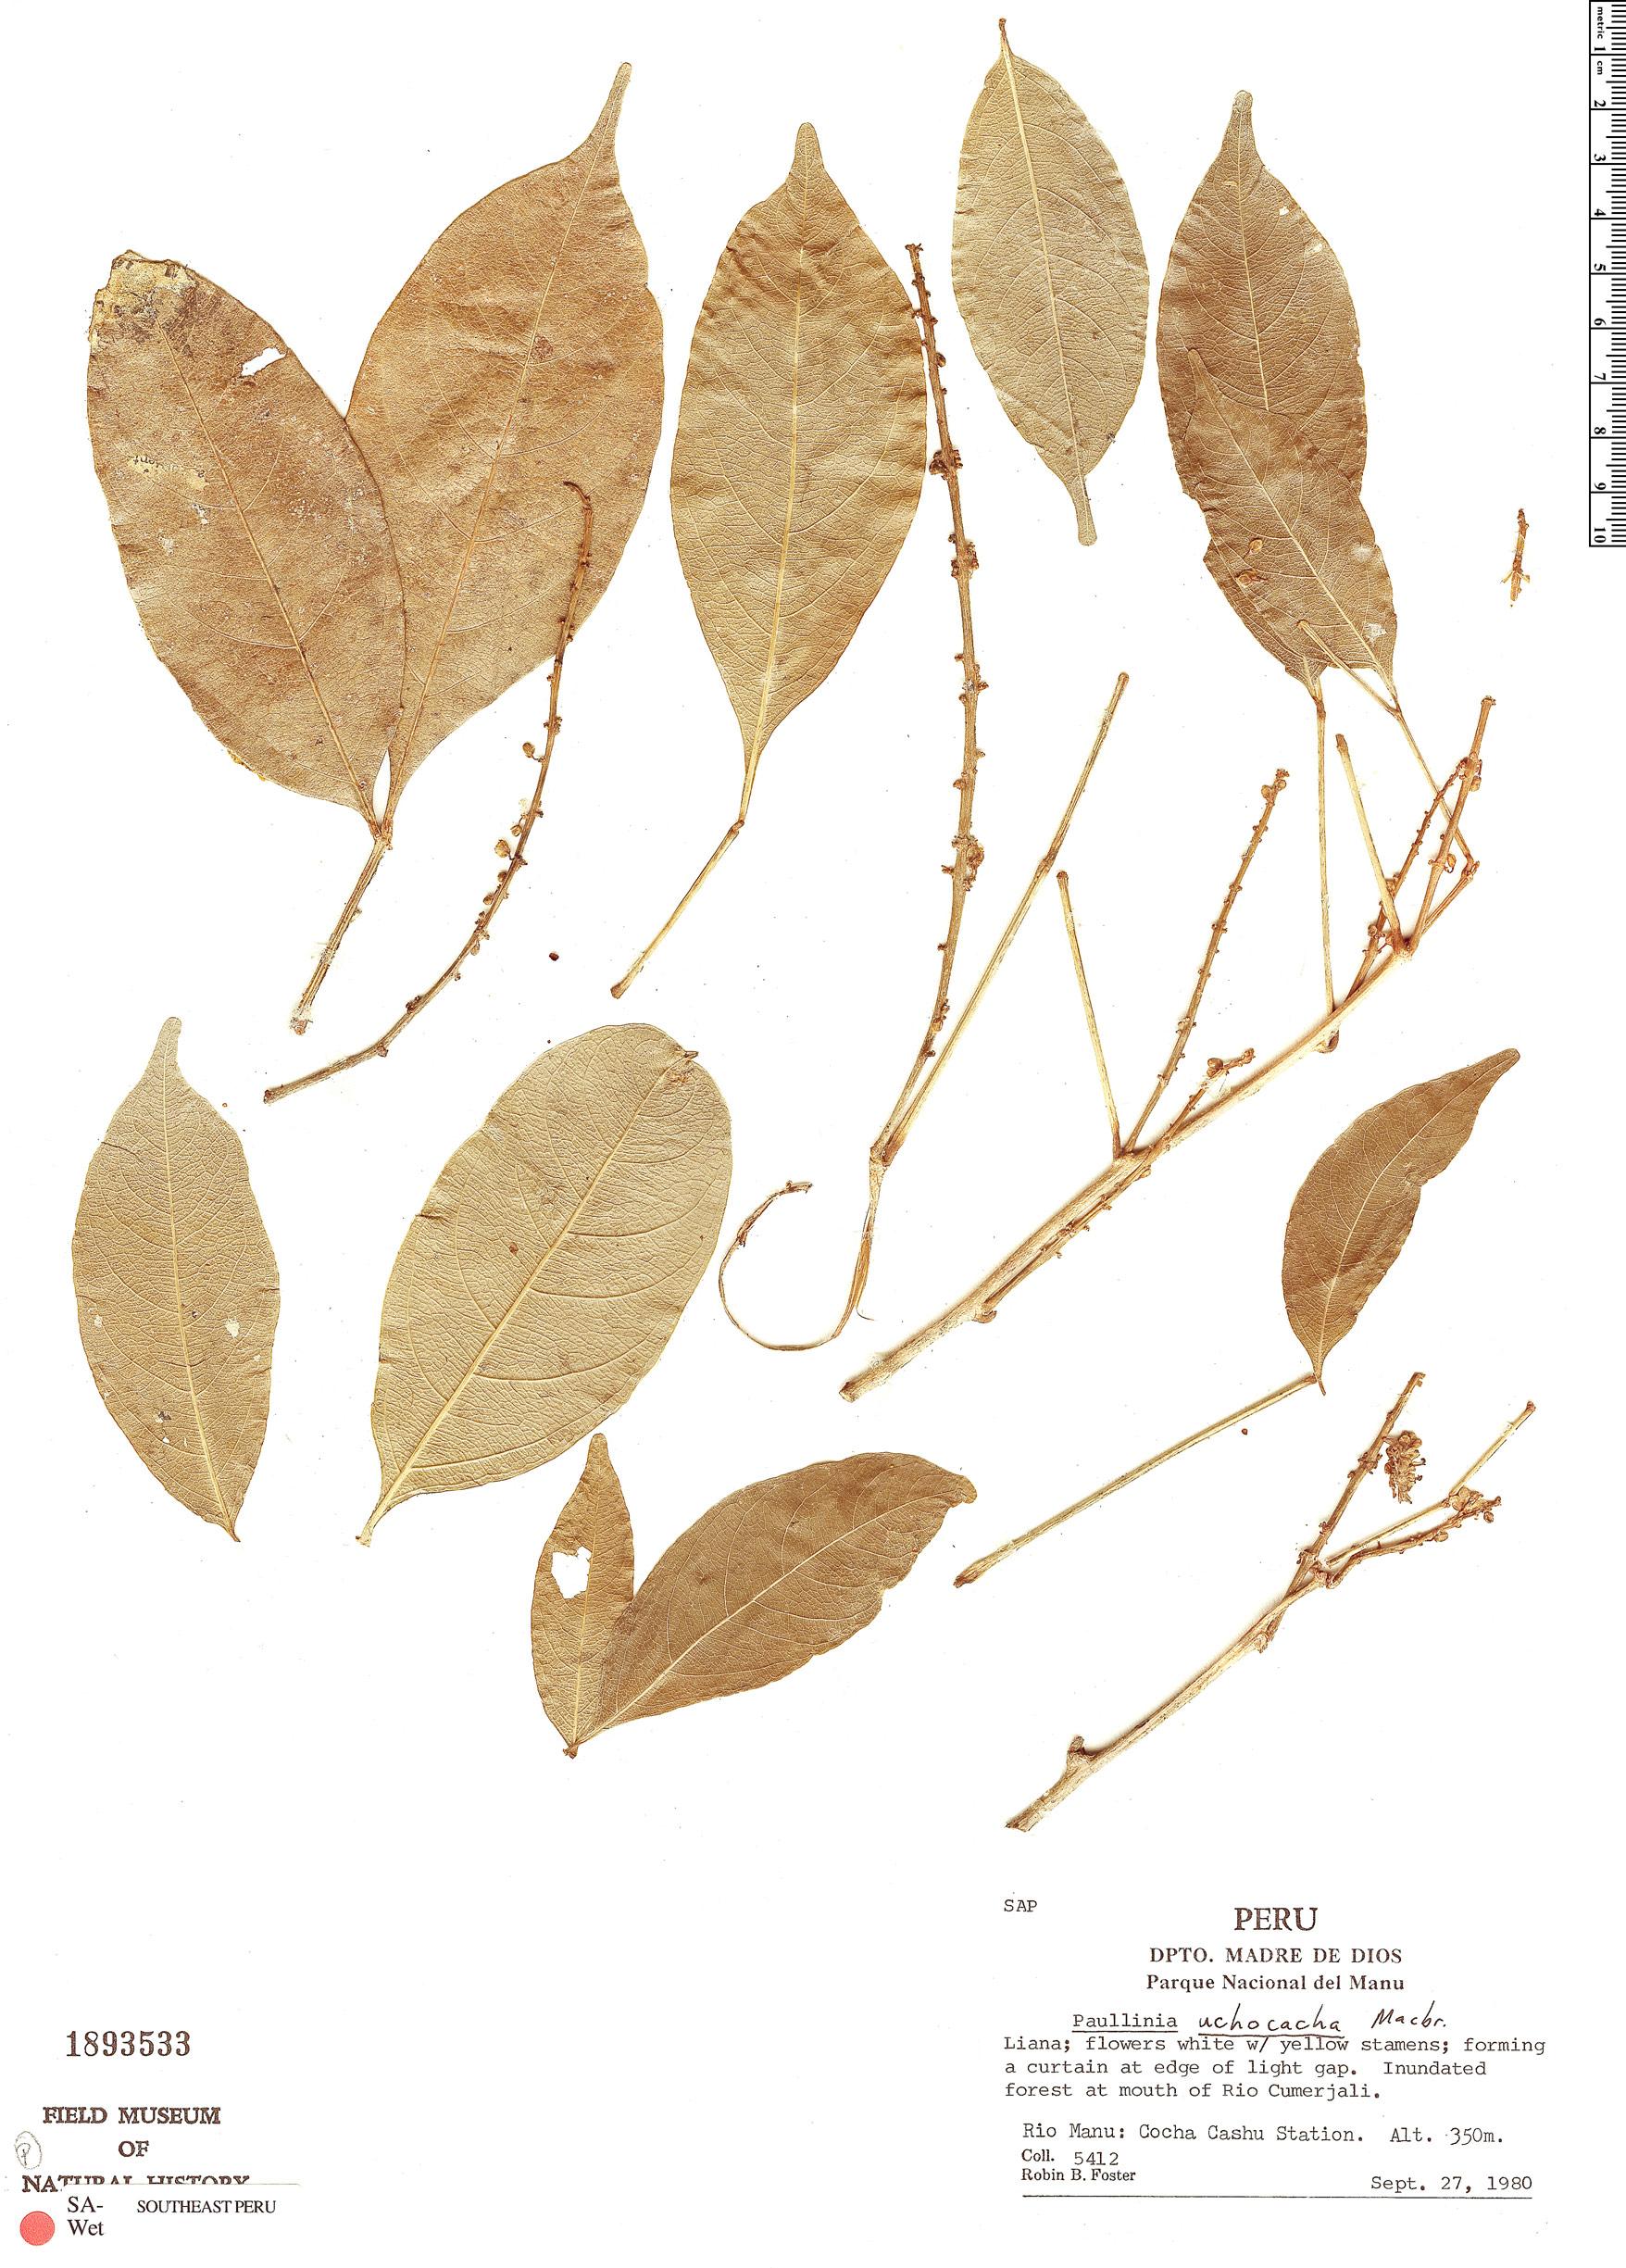 Specimen: Paullinia uchocacha